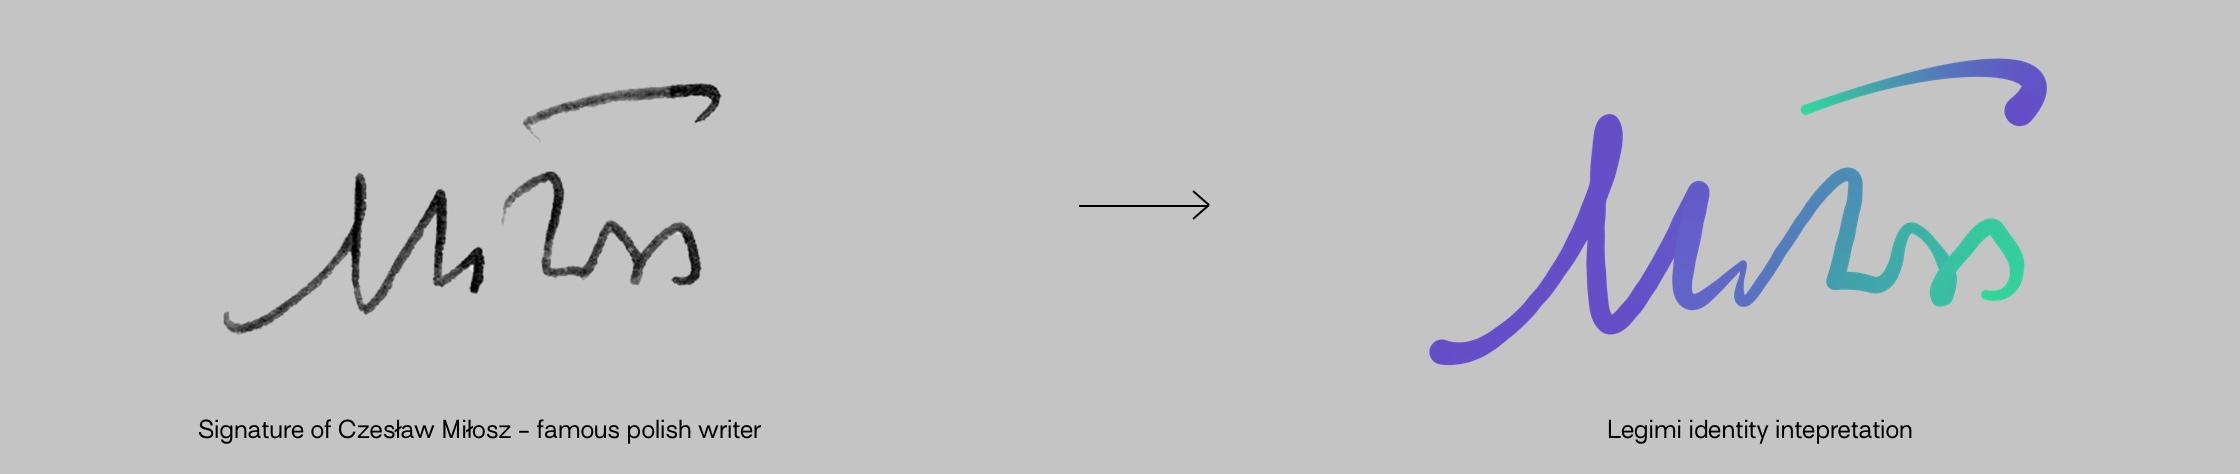 Signature - inspiration - Legimi by Uniforma